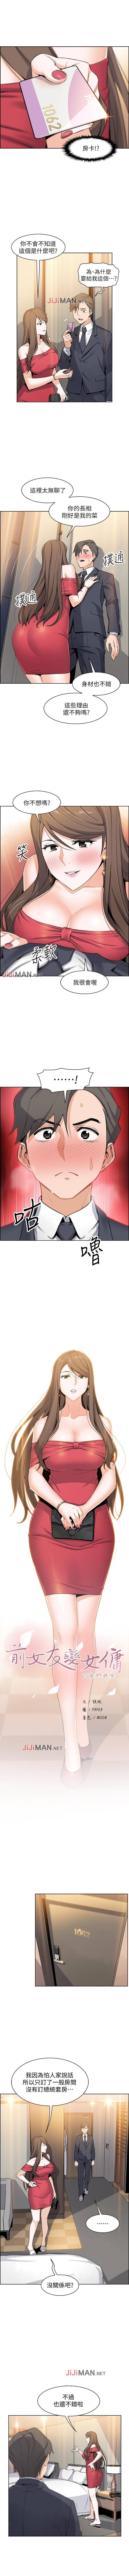 【周四连载】前女友变女佣(作者:PAPER&頸枕) 第1~33话 52